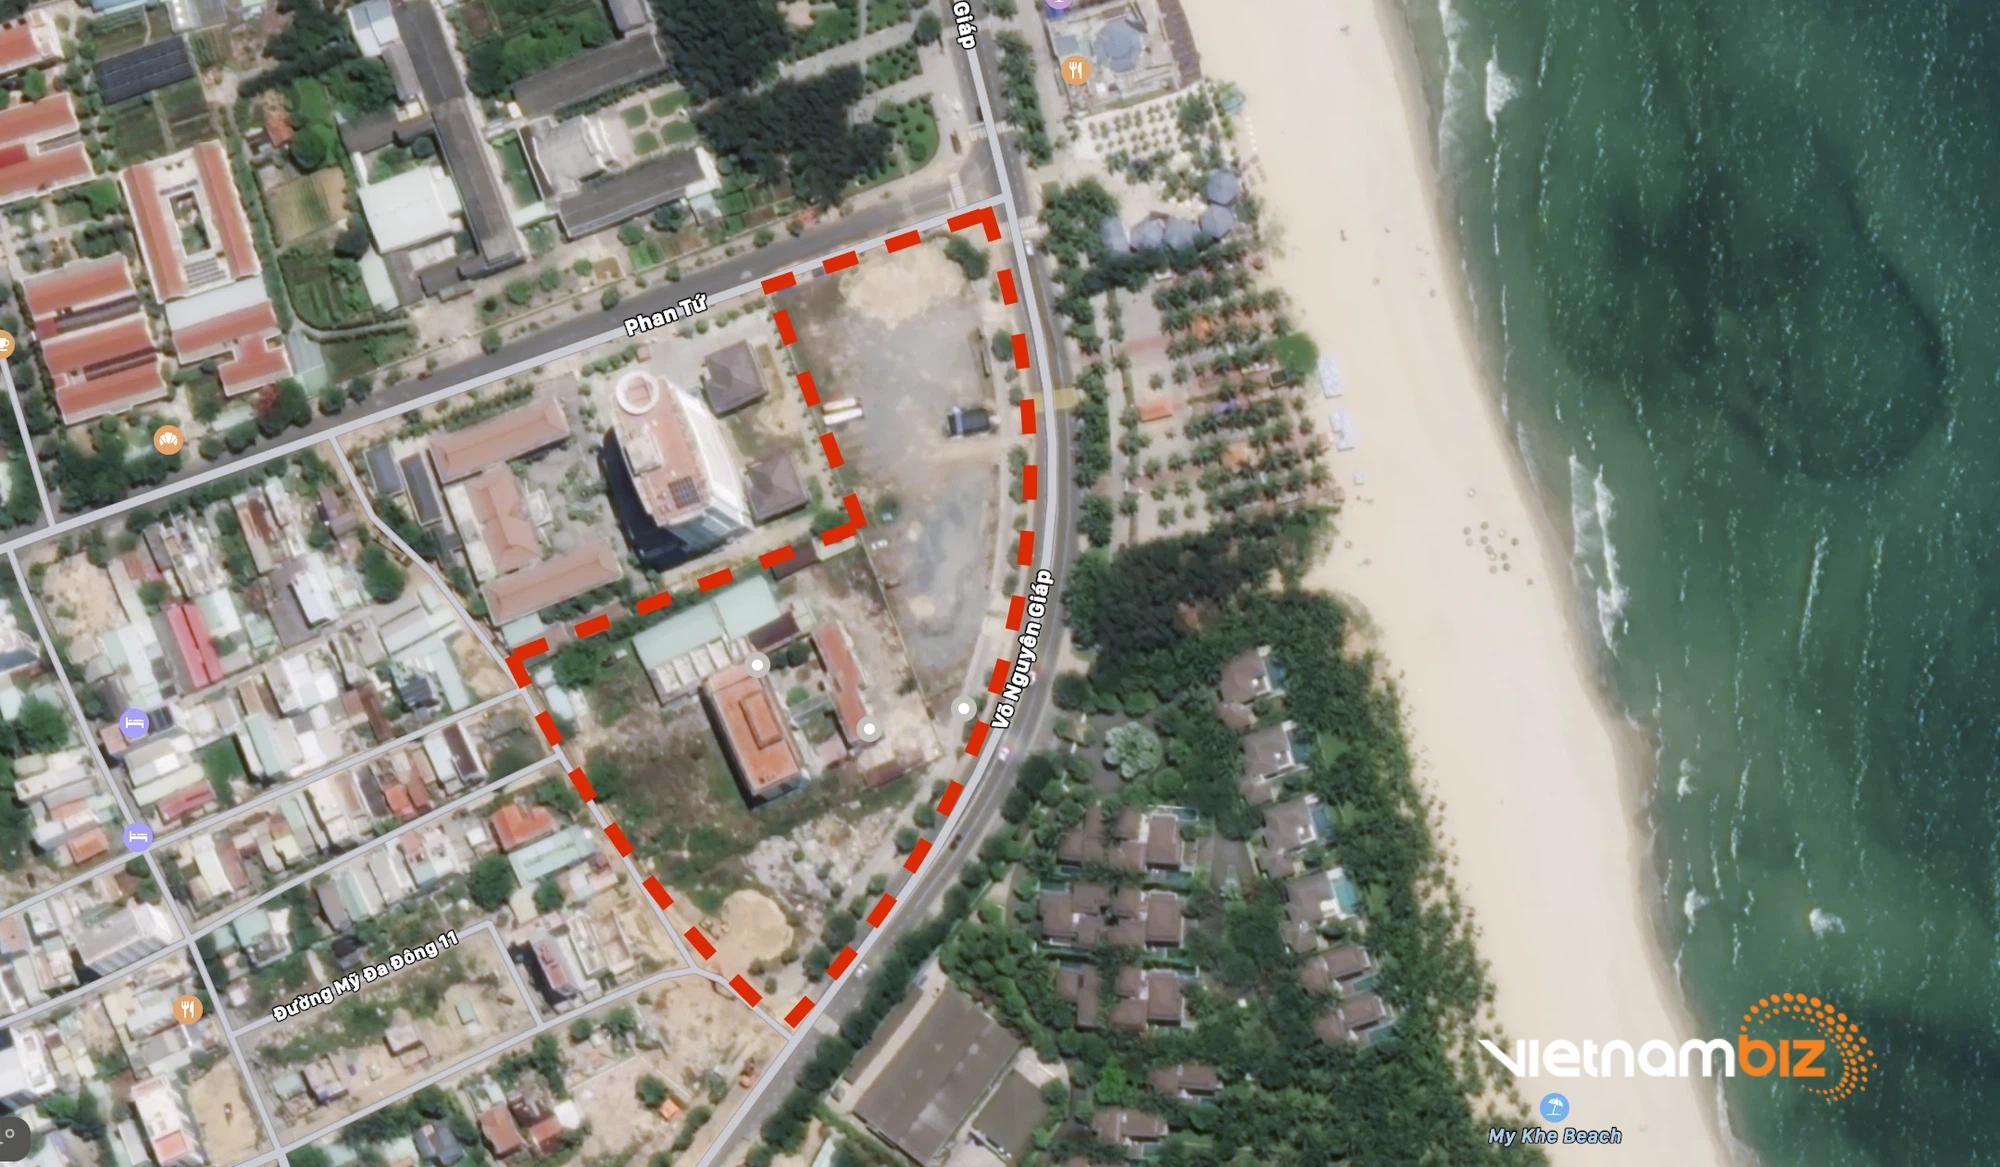 Cận cảnh hai khu đất sát bãi biển Mỹ Khê đẹp nhất Đà Nẵng sẽ đấu giá làm bãi đỗ xe - Ảnh 1.